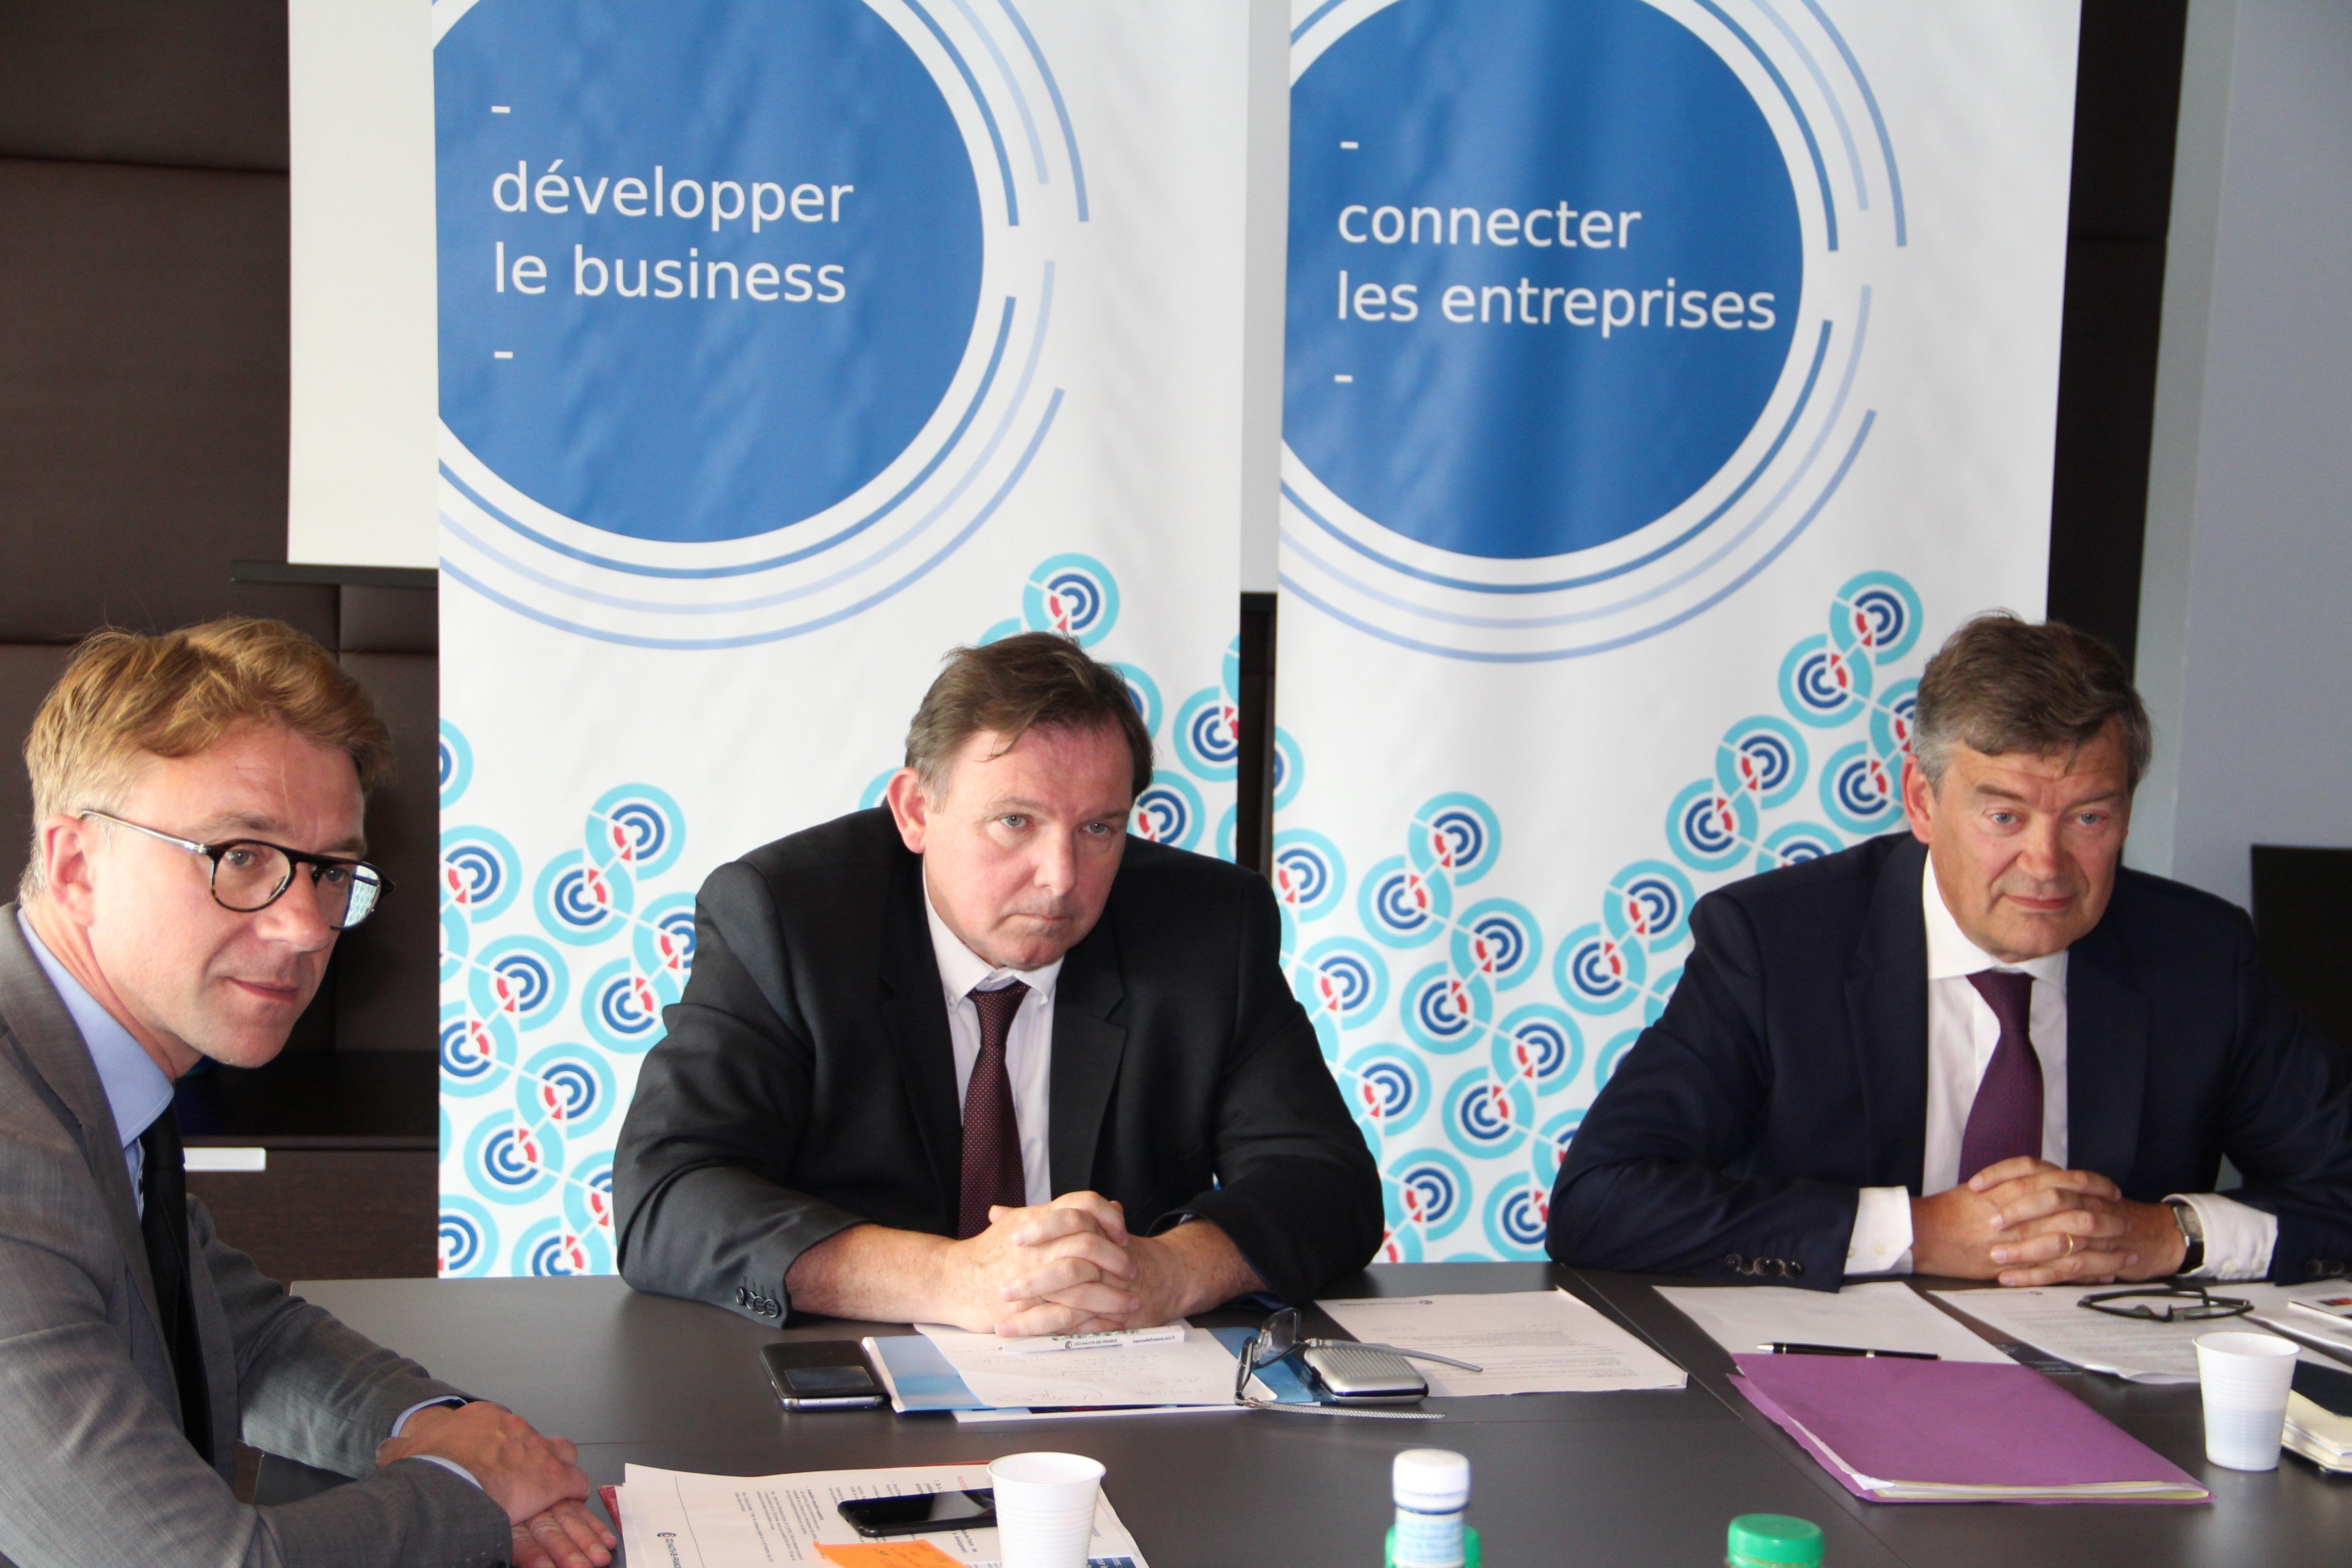 De g. à dr : David Brusselle, François Lavallée, Philippe Hourdain